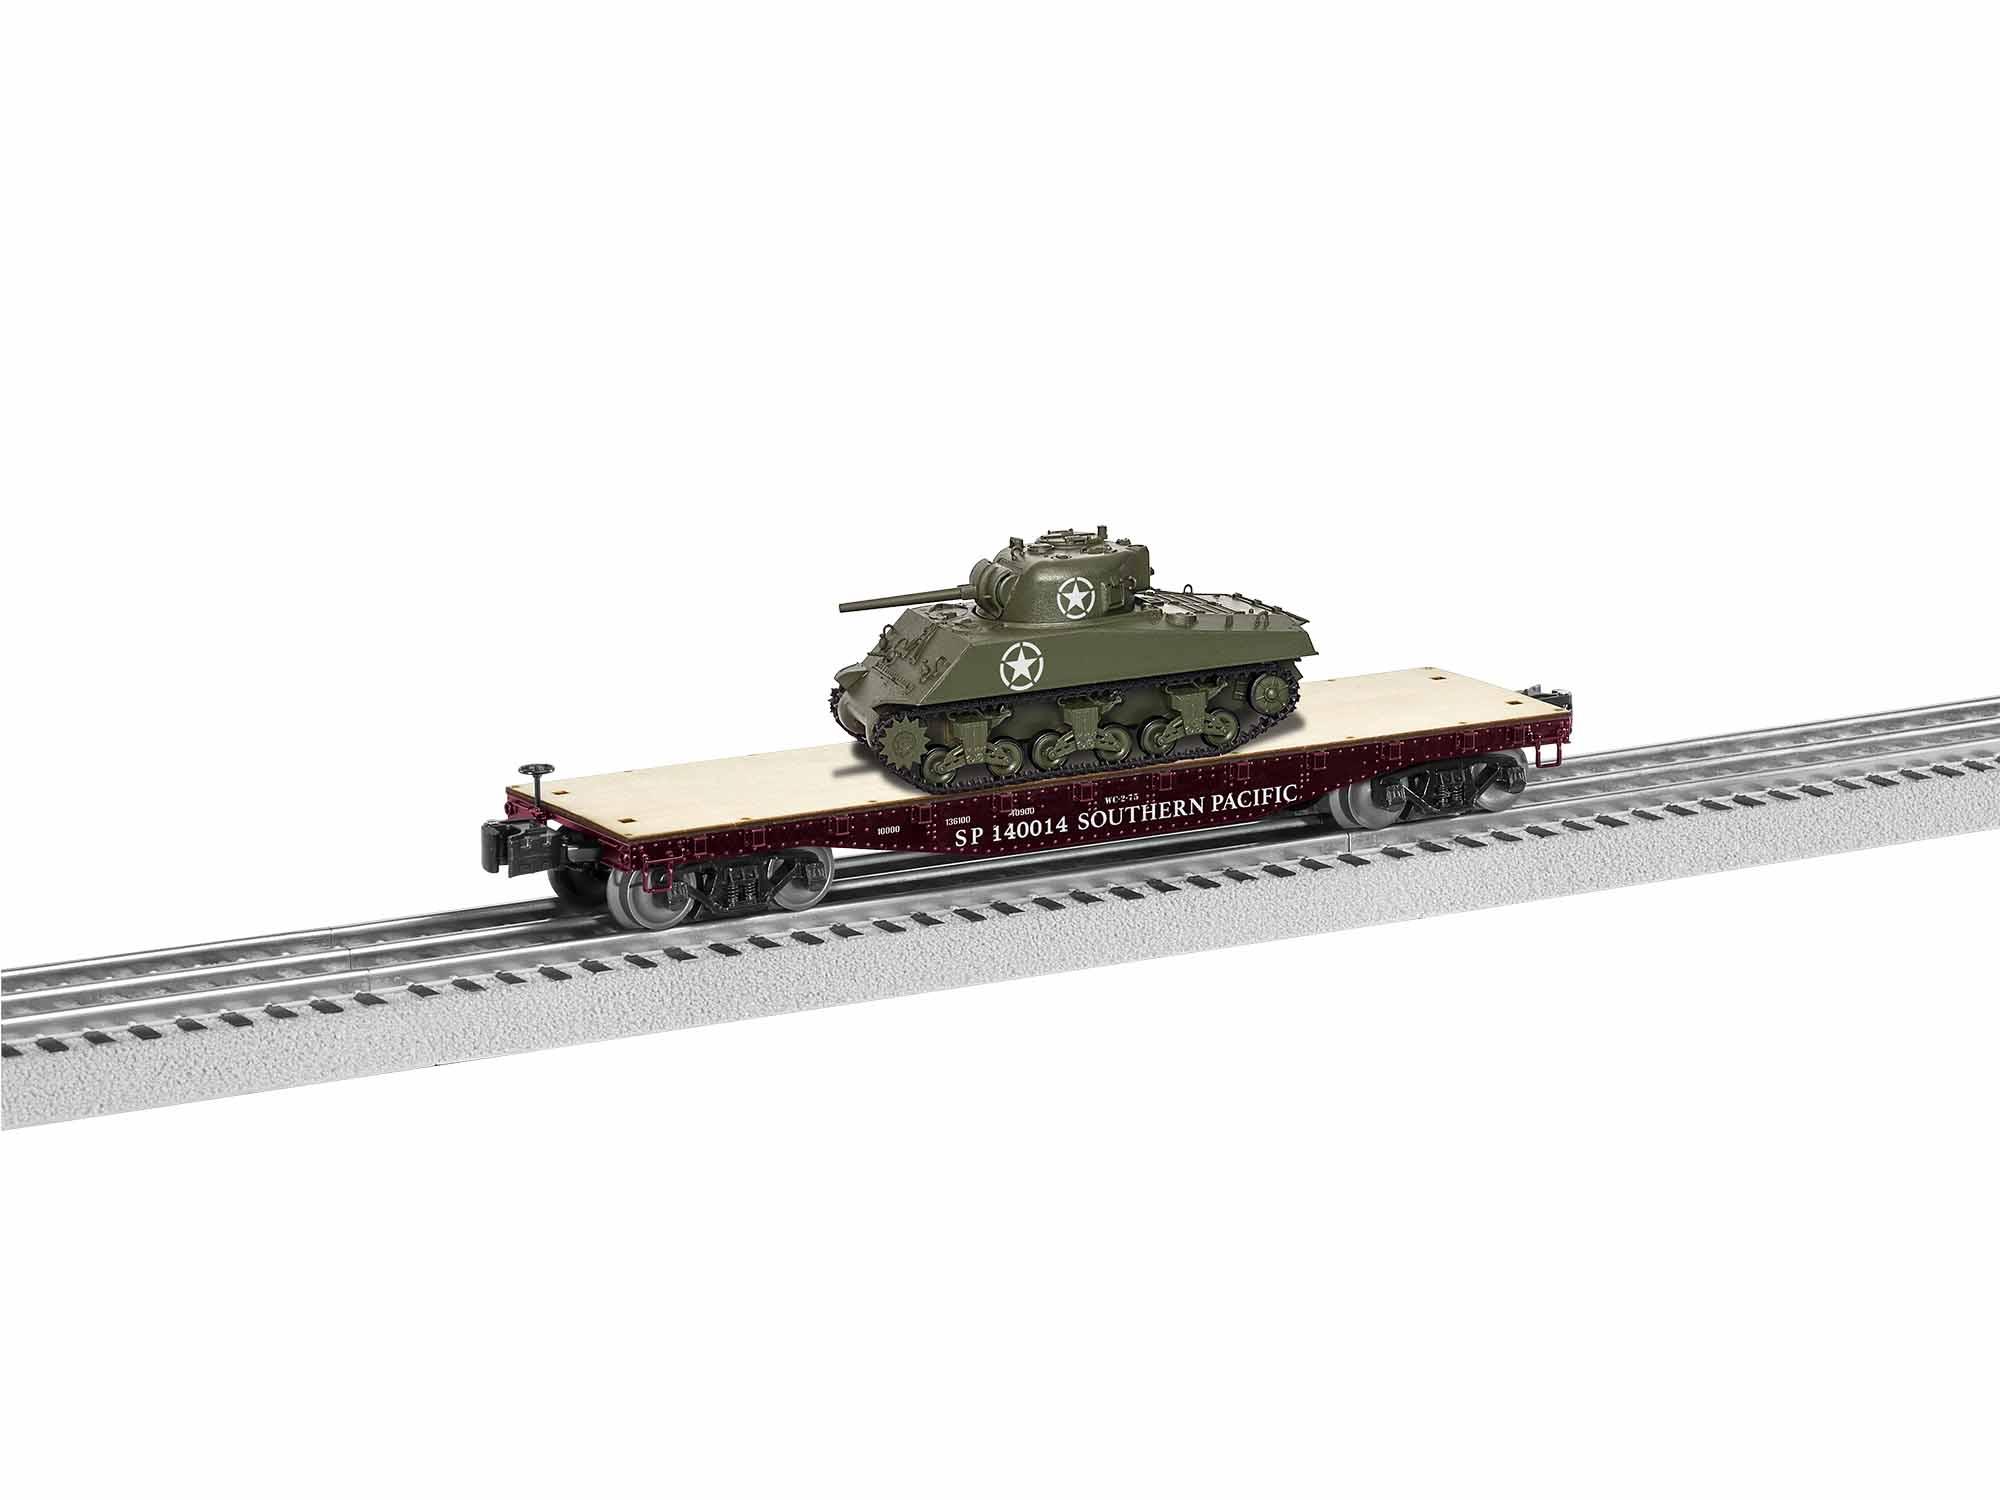 Lionel 1926731 O 40' Flatcar w/ Sherman Tank Load 3-Rail Southern Pacific 140014 434-1926731